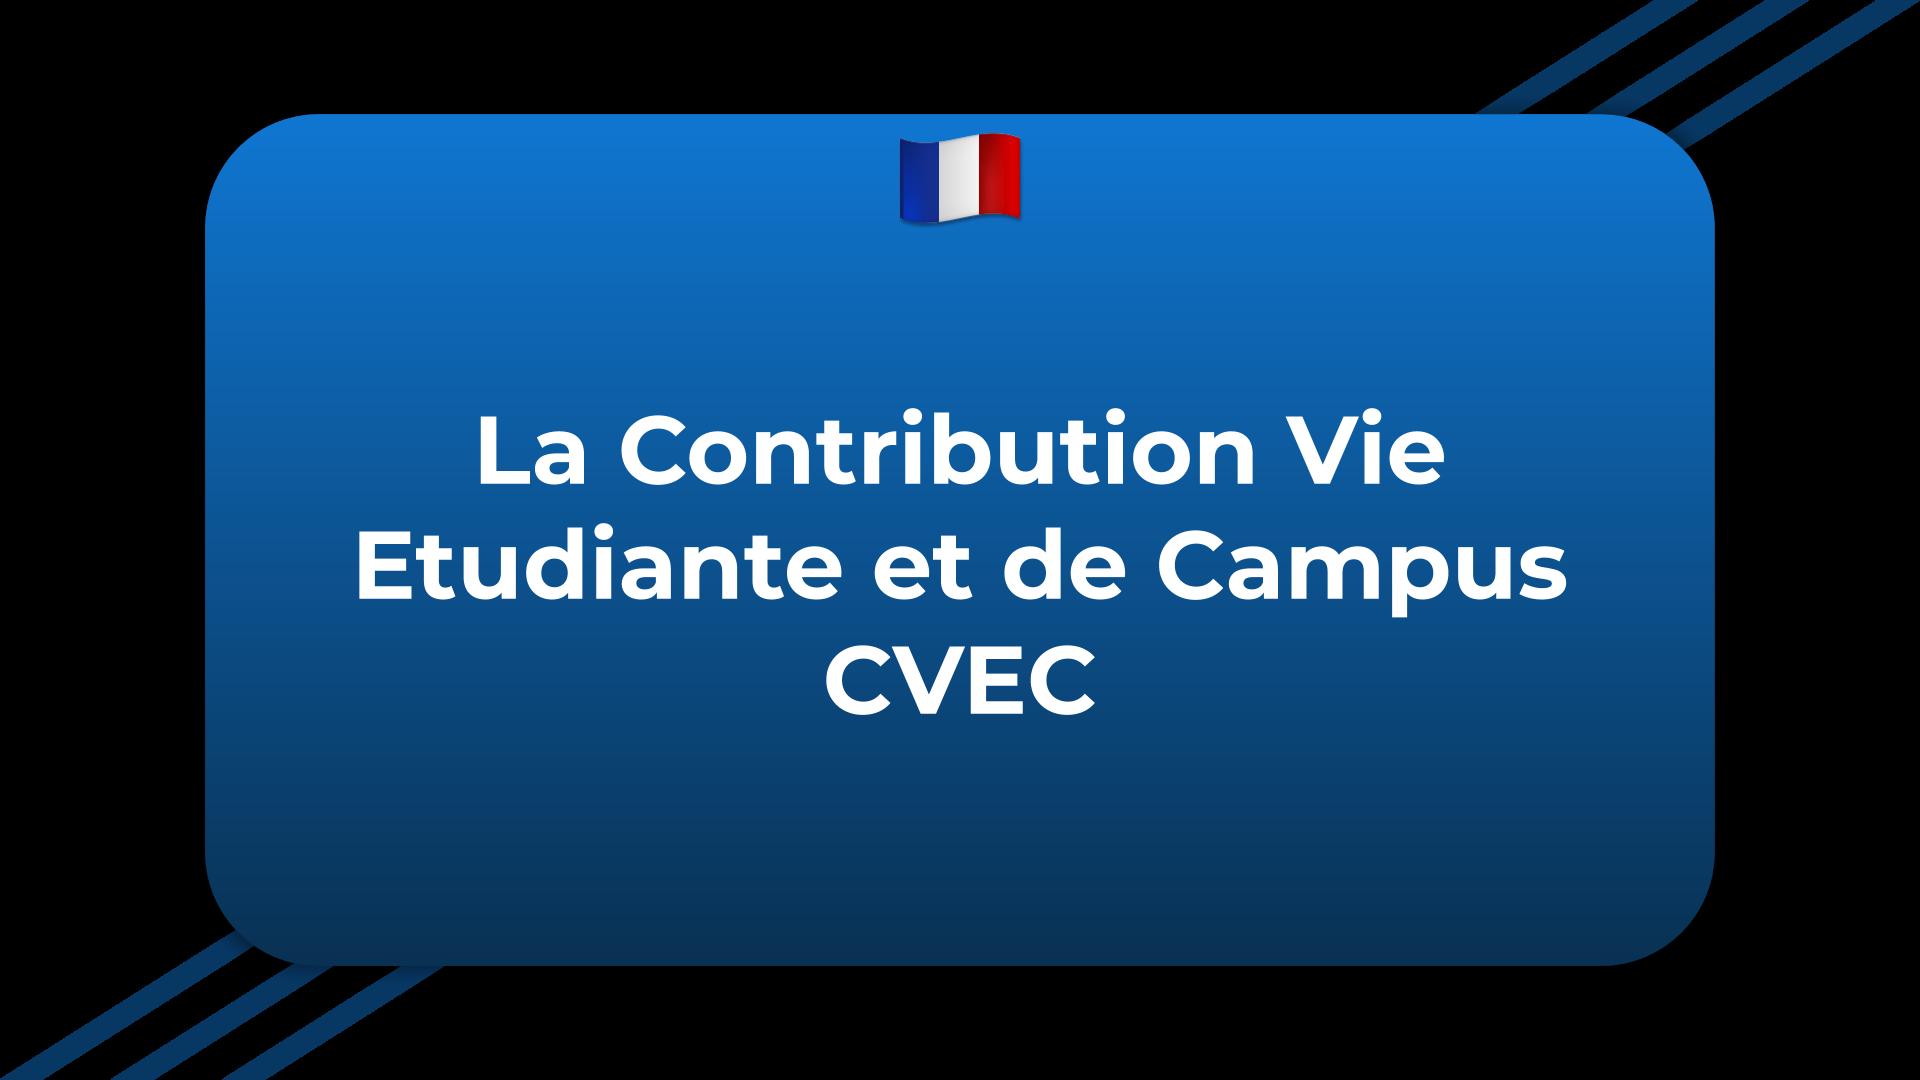 Contribution Vie Etudiante et de Campus